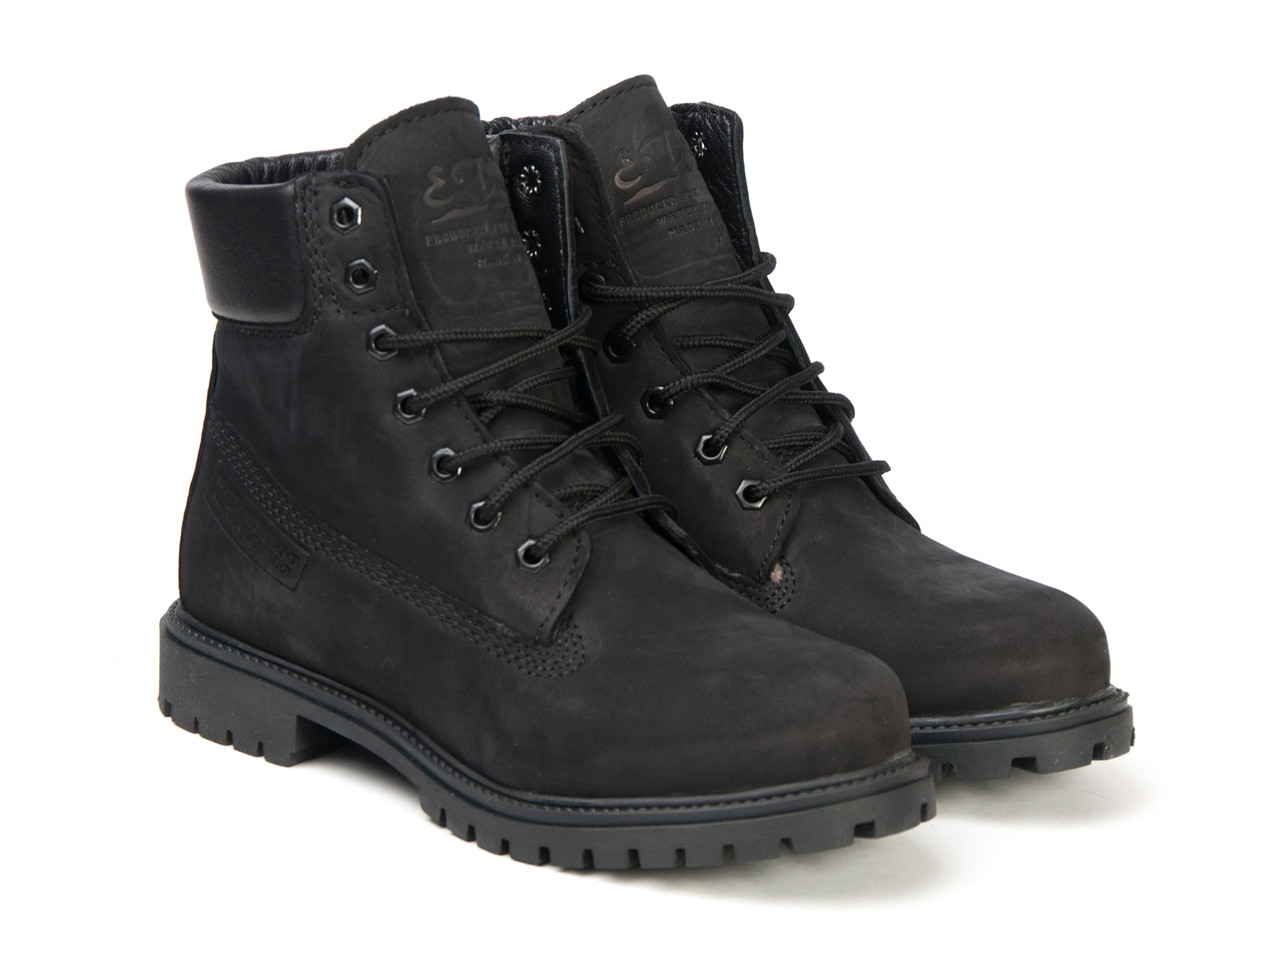 Ботинки Etor 9916-2298-2 черные